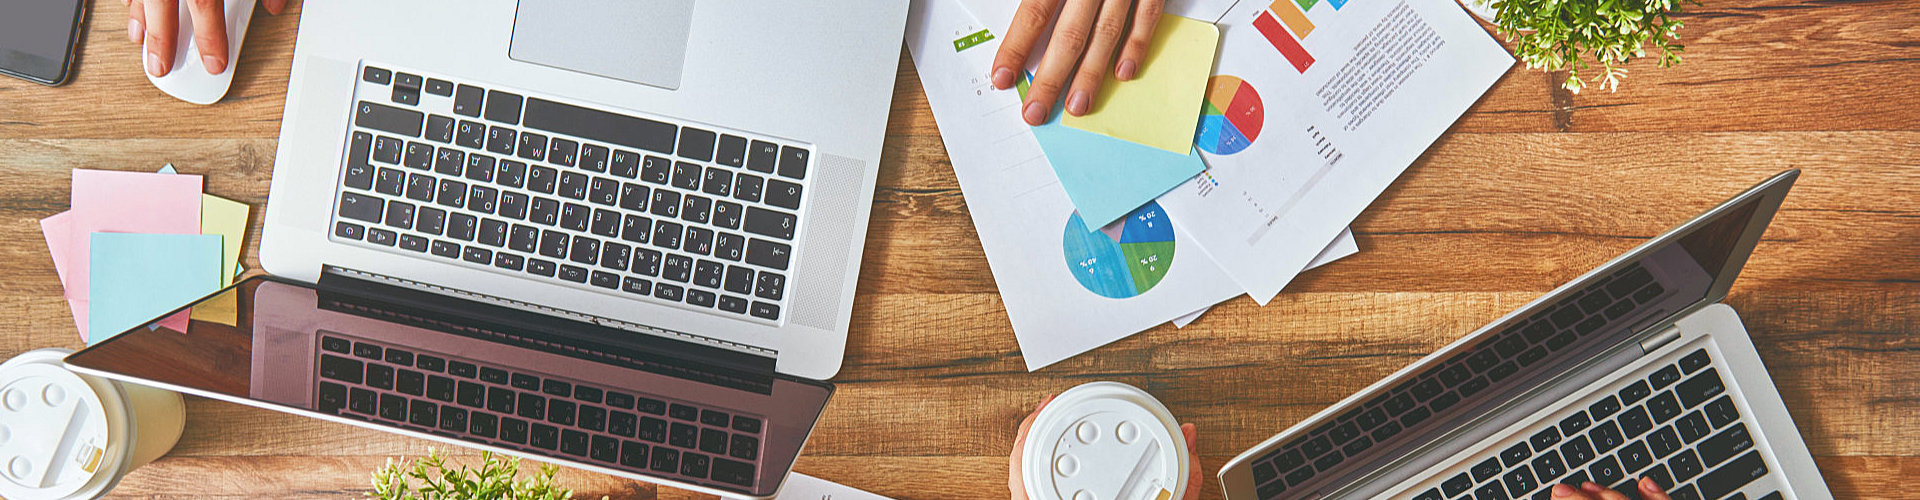 laptop ang graphs